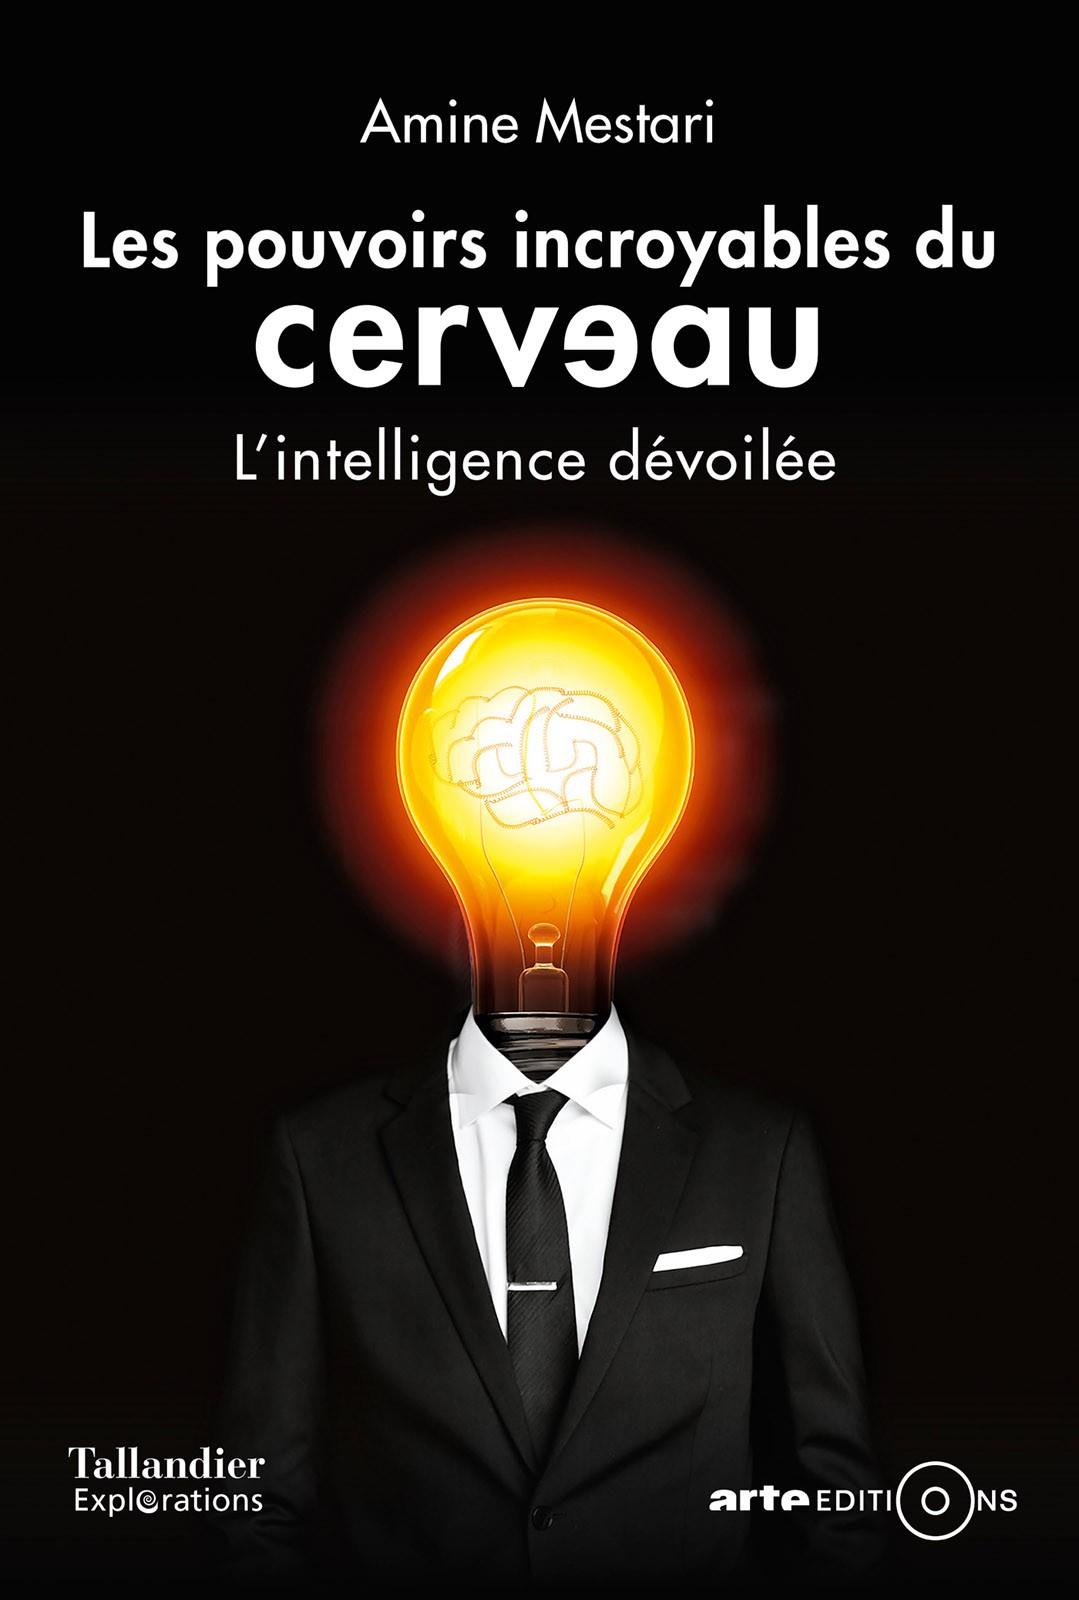 Les pouvoirs incroyables du cerveau - L'intelligence dévoilée de Amine Mestari